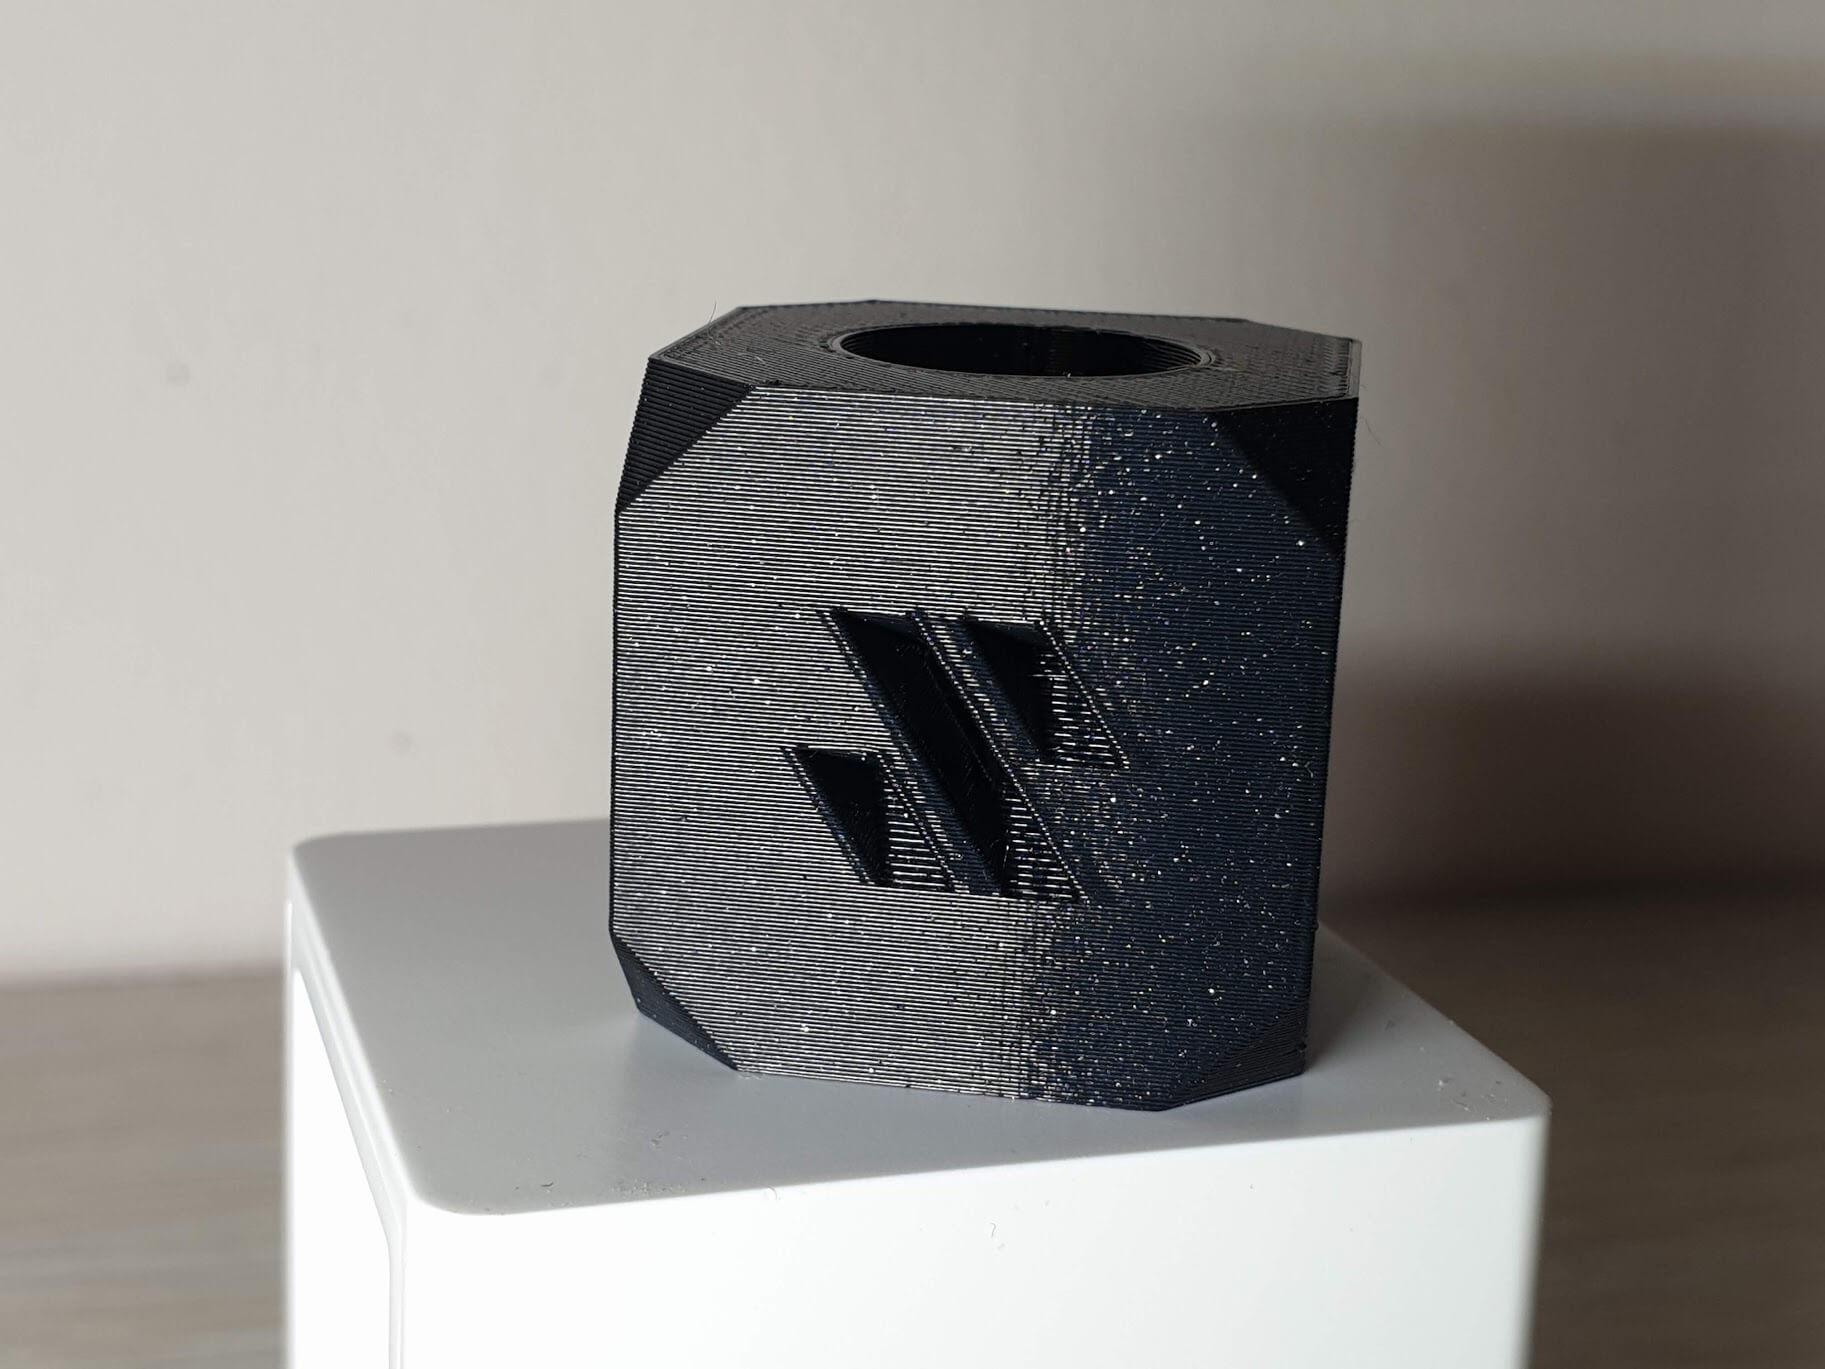 Voron Cube PETG IdeaMaker 4